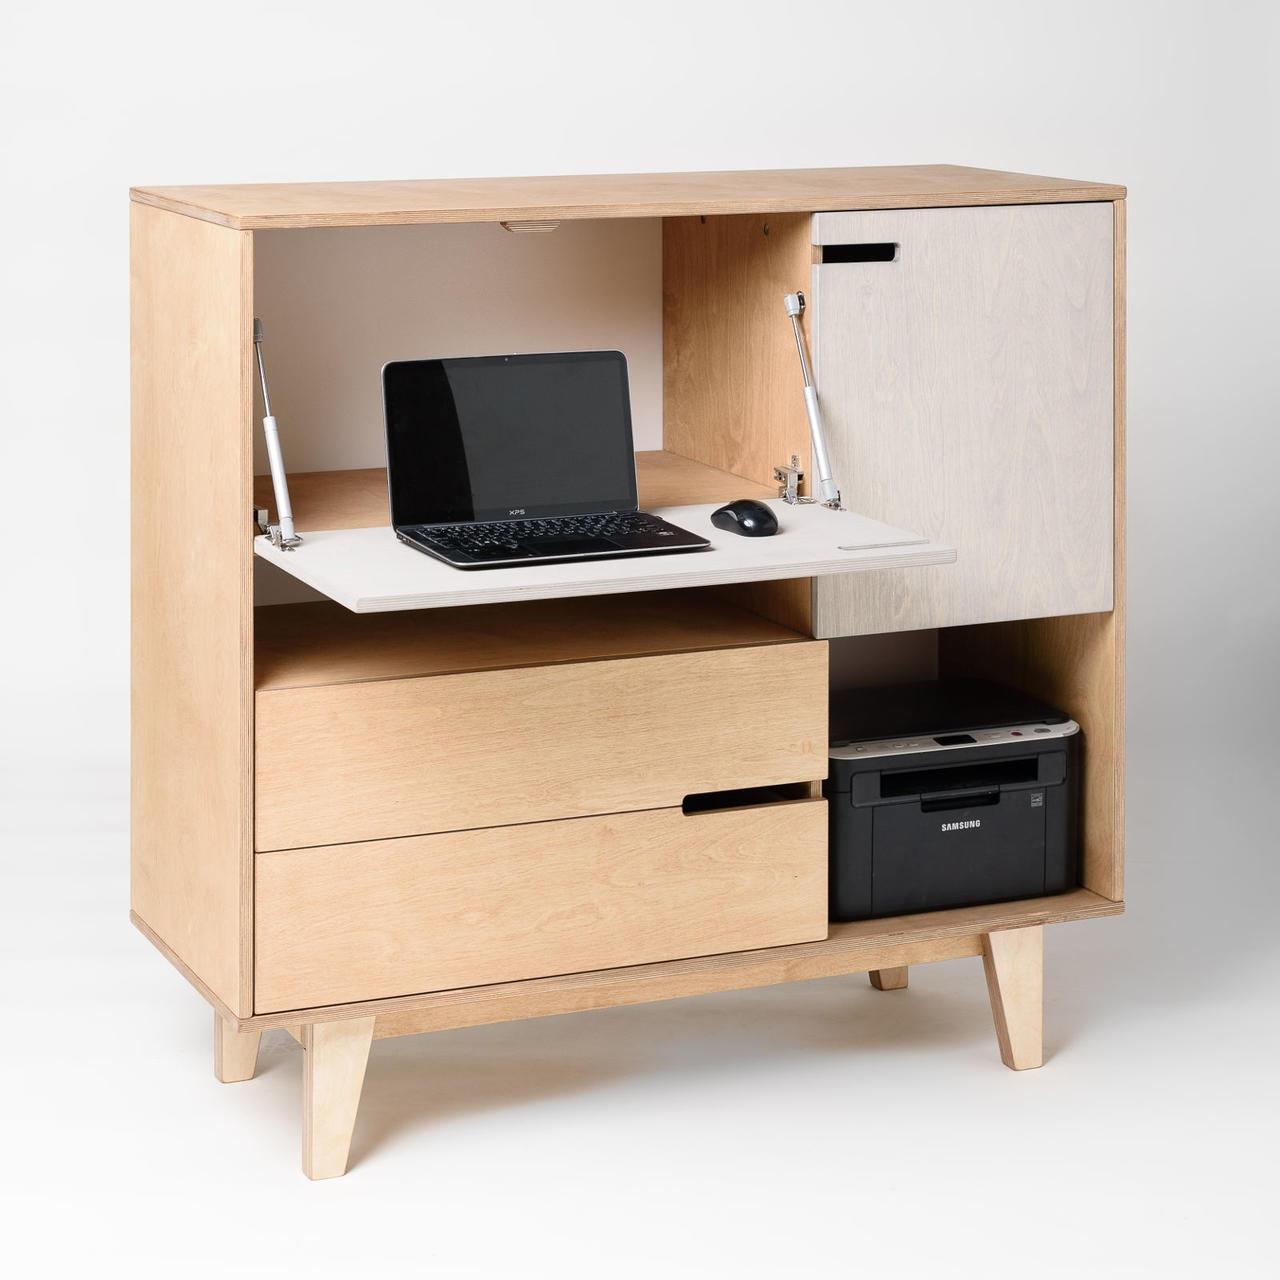 MIX kummut, kus on sees kohad nii printeri kui kaustade jaoks, samuti lauapind arvuti jaoks. Sulgedes kummuti ukse, jätad töömured seljataha ja naudid toredat kummutit.